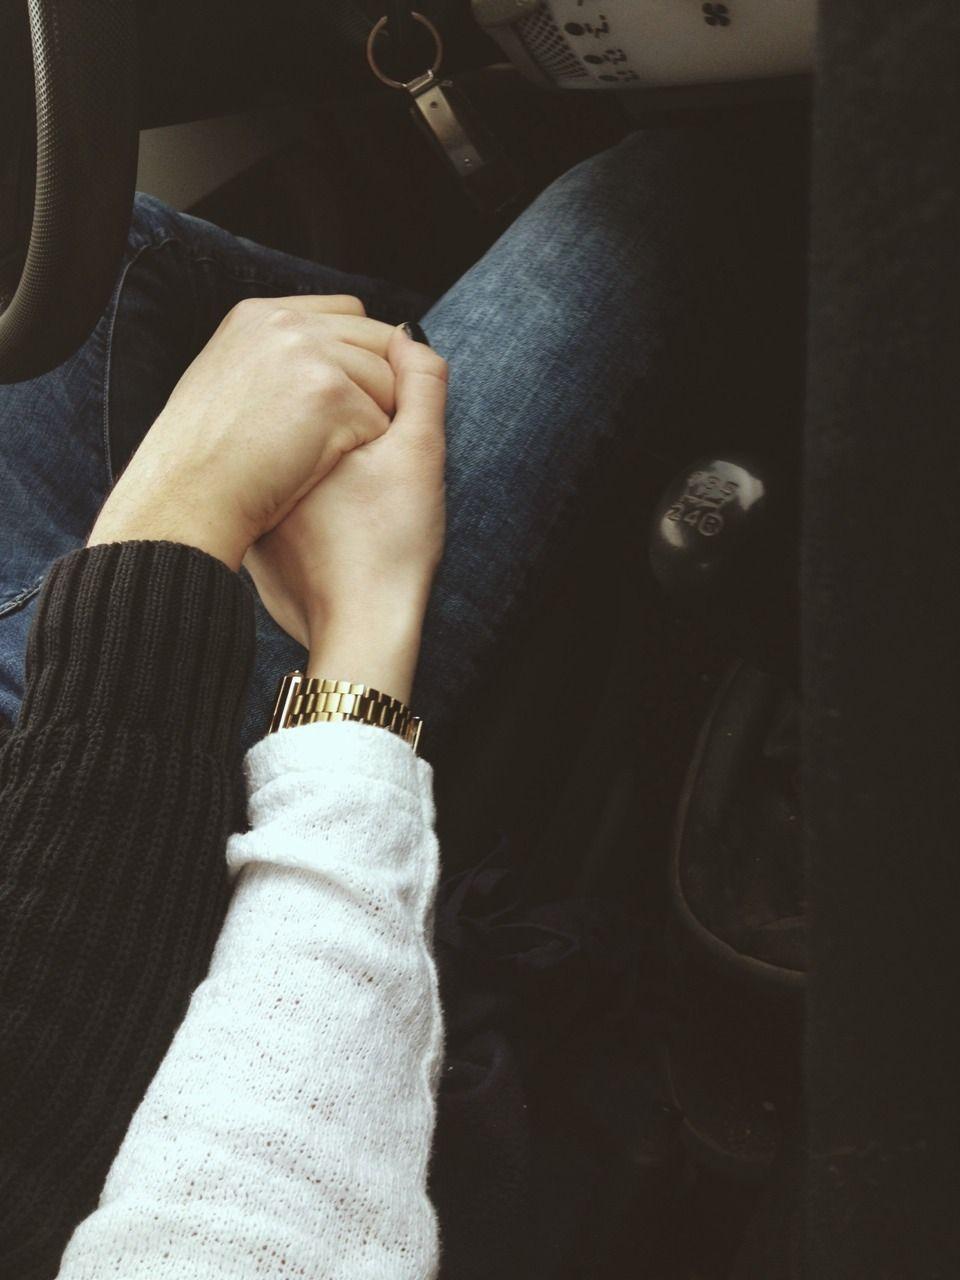 Ảnh đẹp nắm tay nhau cực đẹp